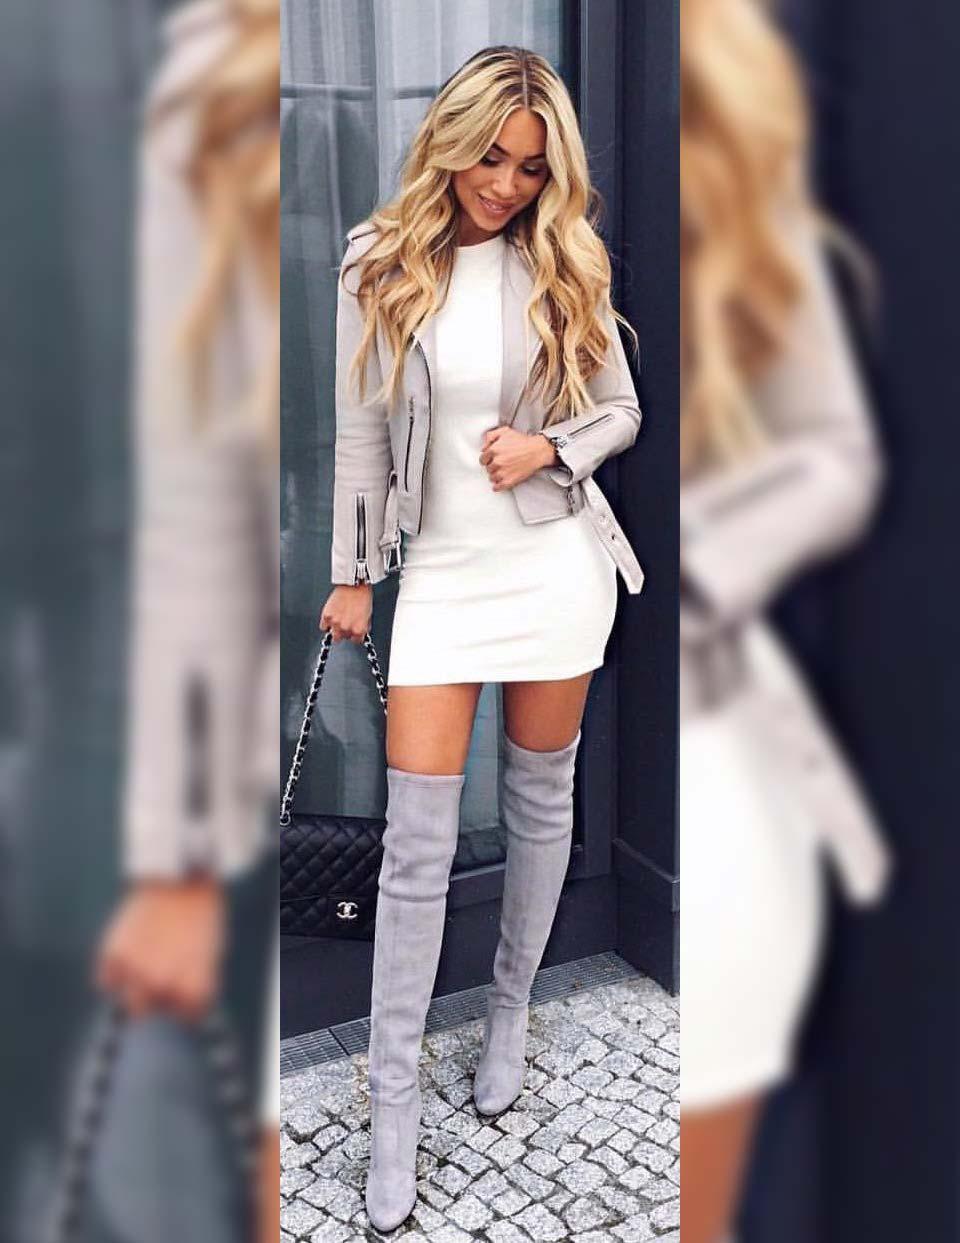 Vestido branco inverno